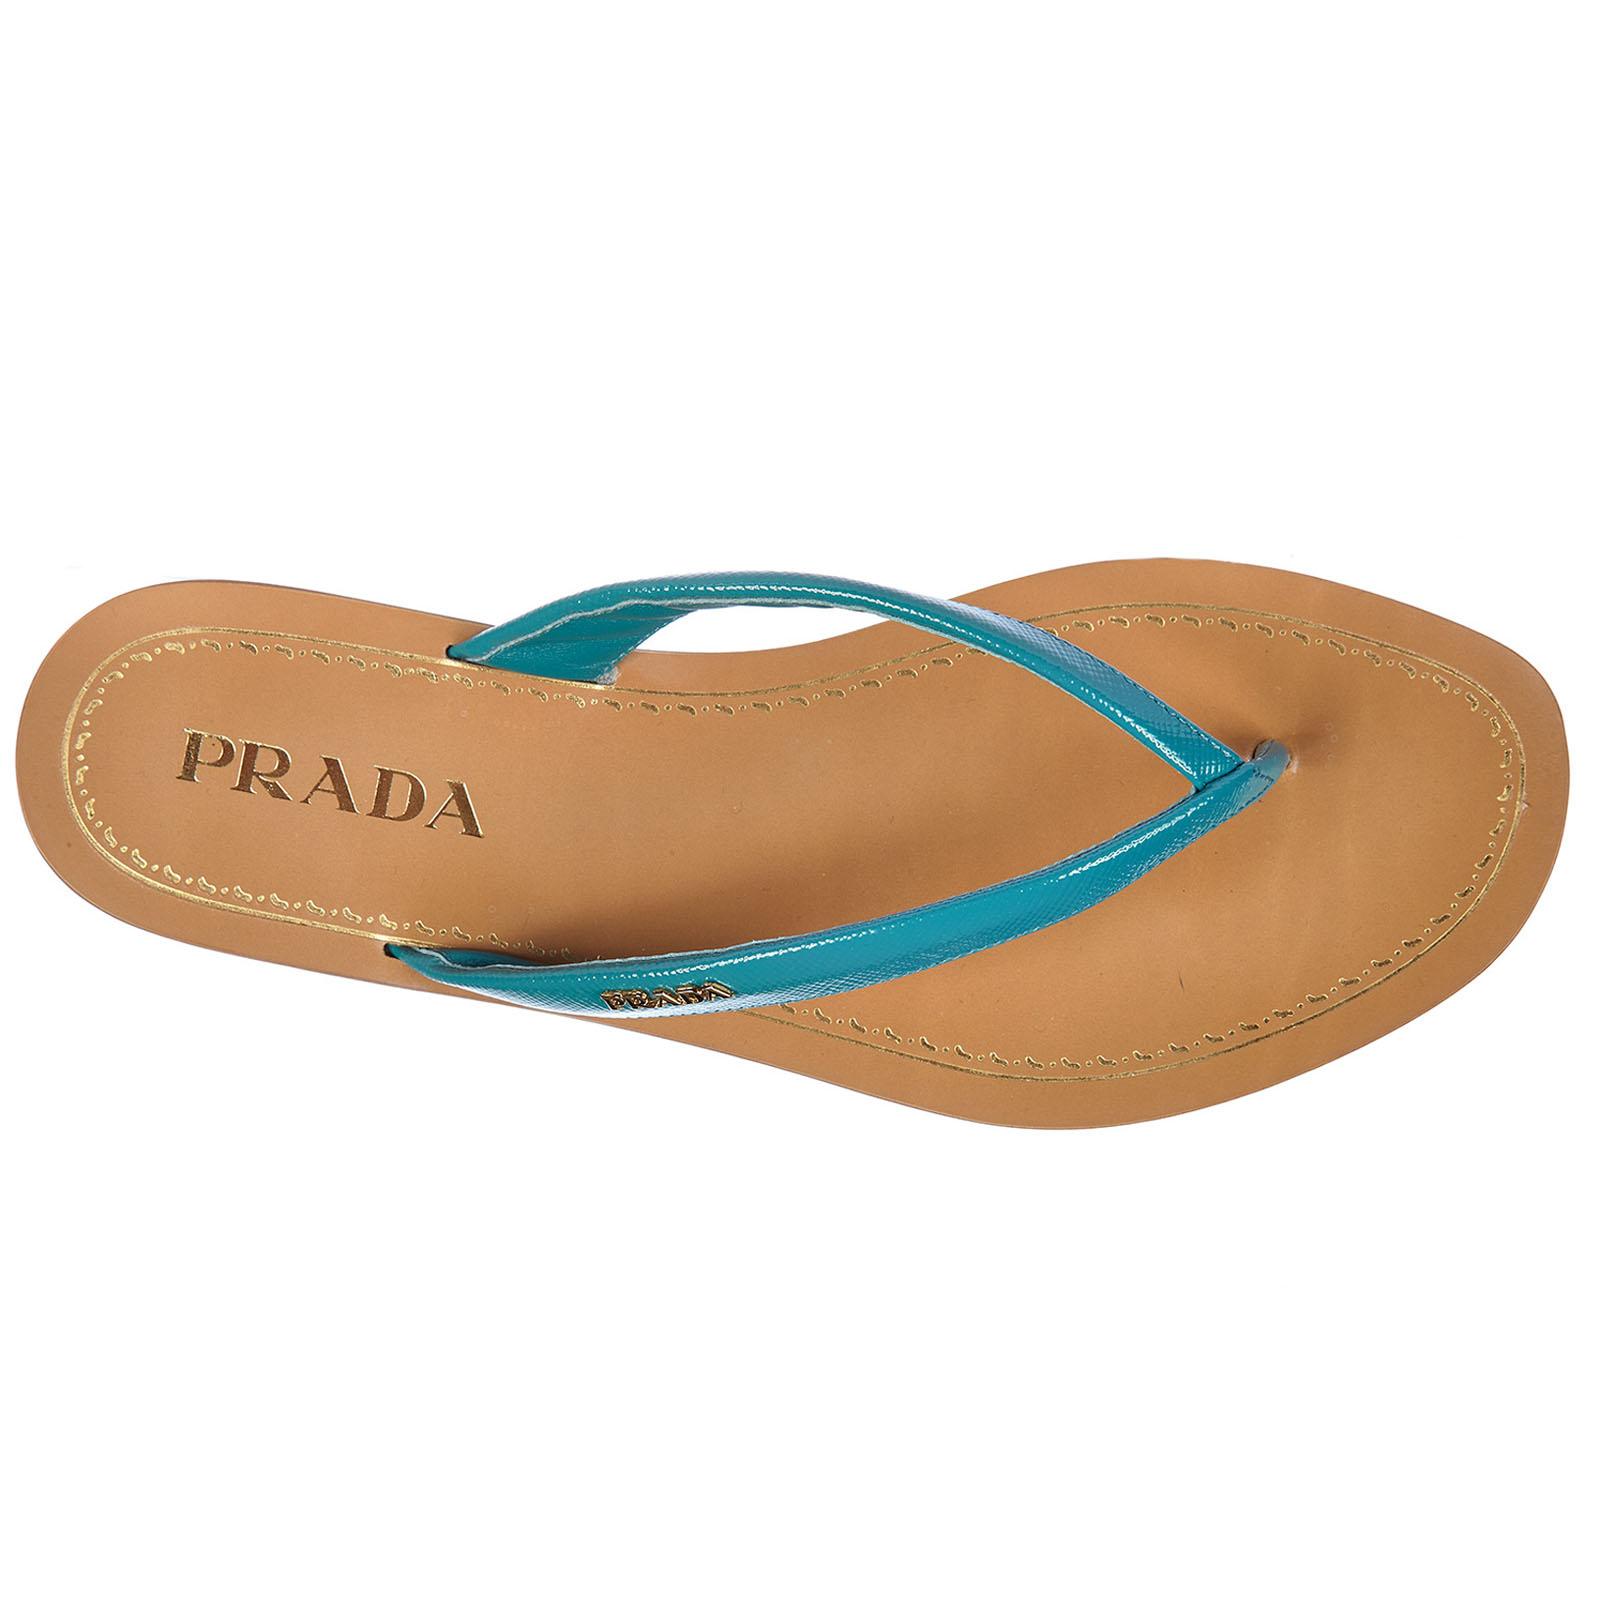 d939cf6184d ... Women s leather flip flops sandals vernice saffiano ...